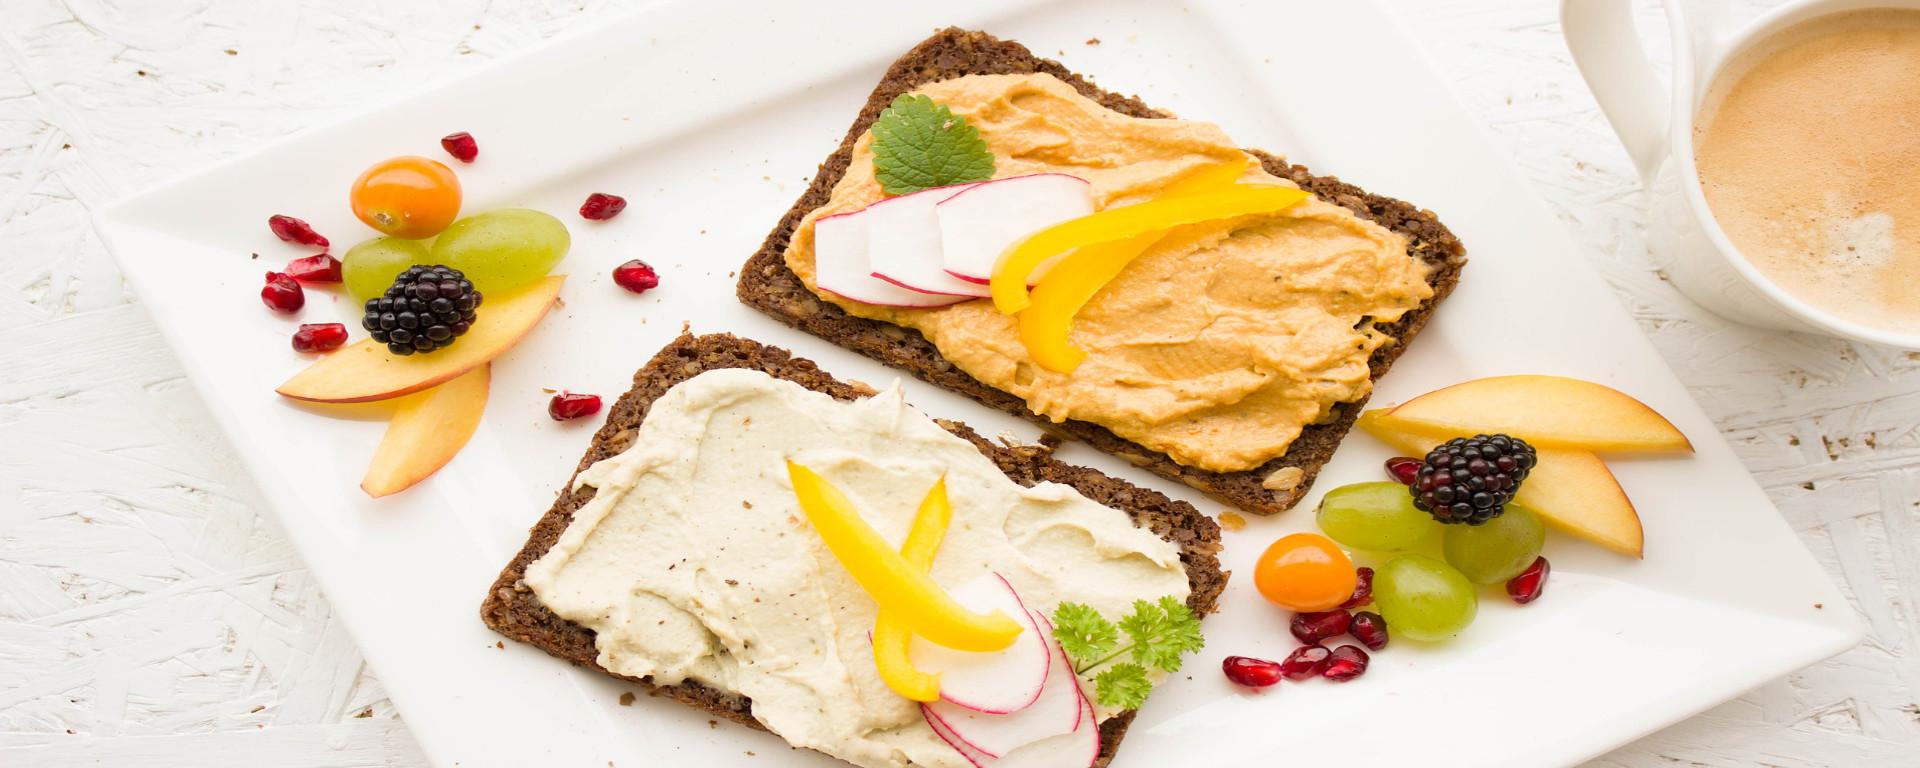 Das SAVOY Hotel Frankfurt DELUXE Frühstücks-Buffet/ Breakfast-Buffet auch für Ausser-Haus-Gäste.